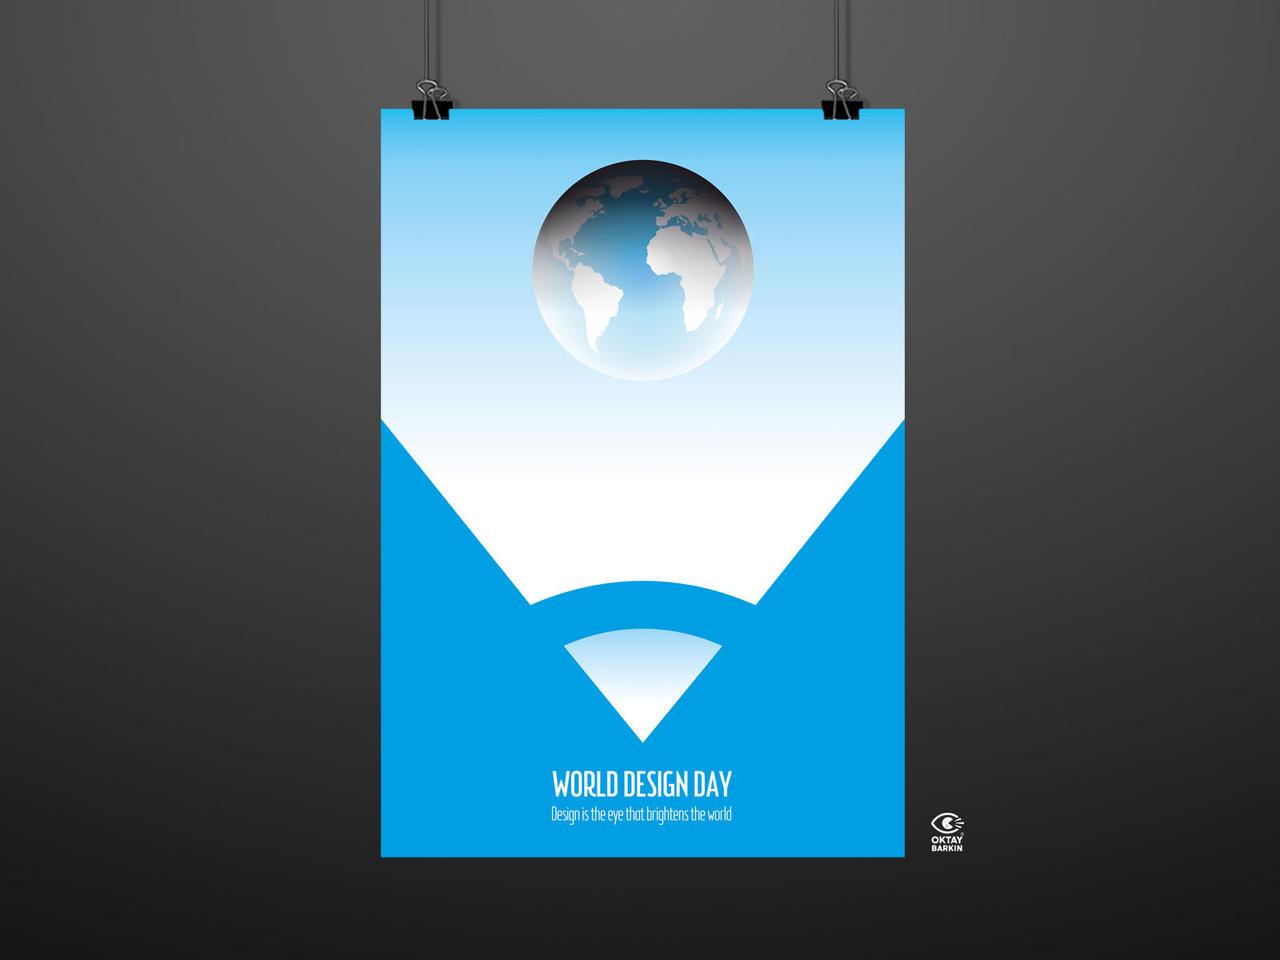 World Design Day